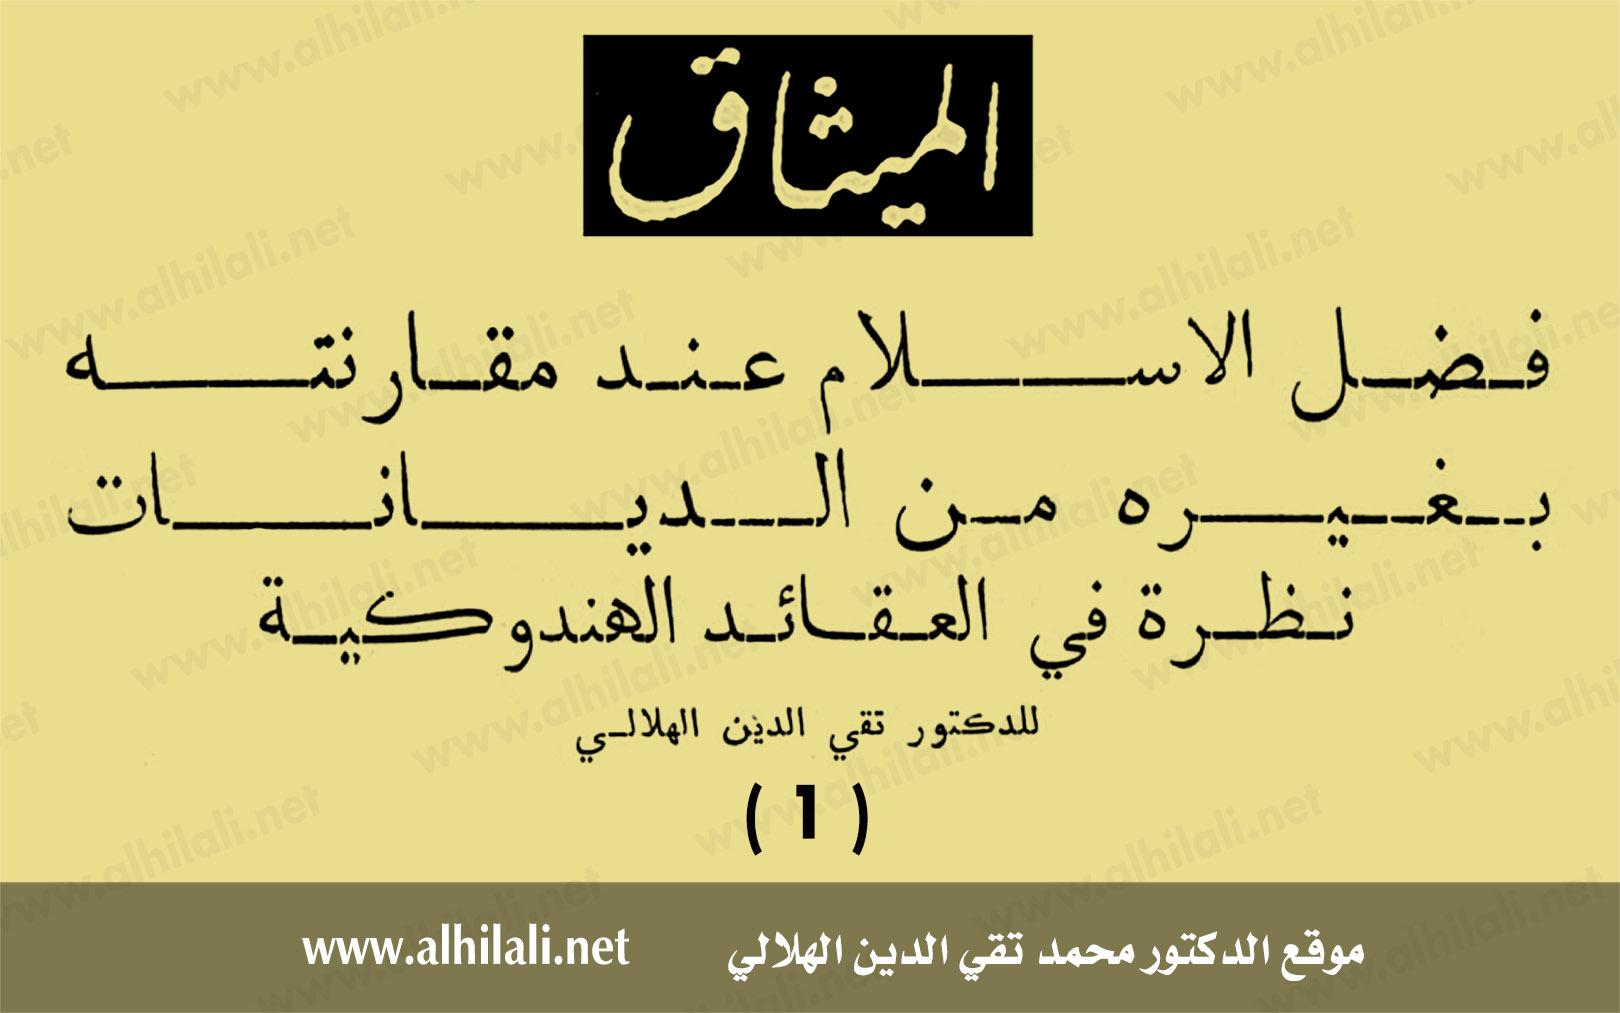 فضل الإسلام عند مقارنته بغيره من الديانات: نظرة في العقائد الهندوكية 1